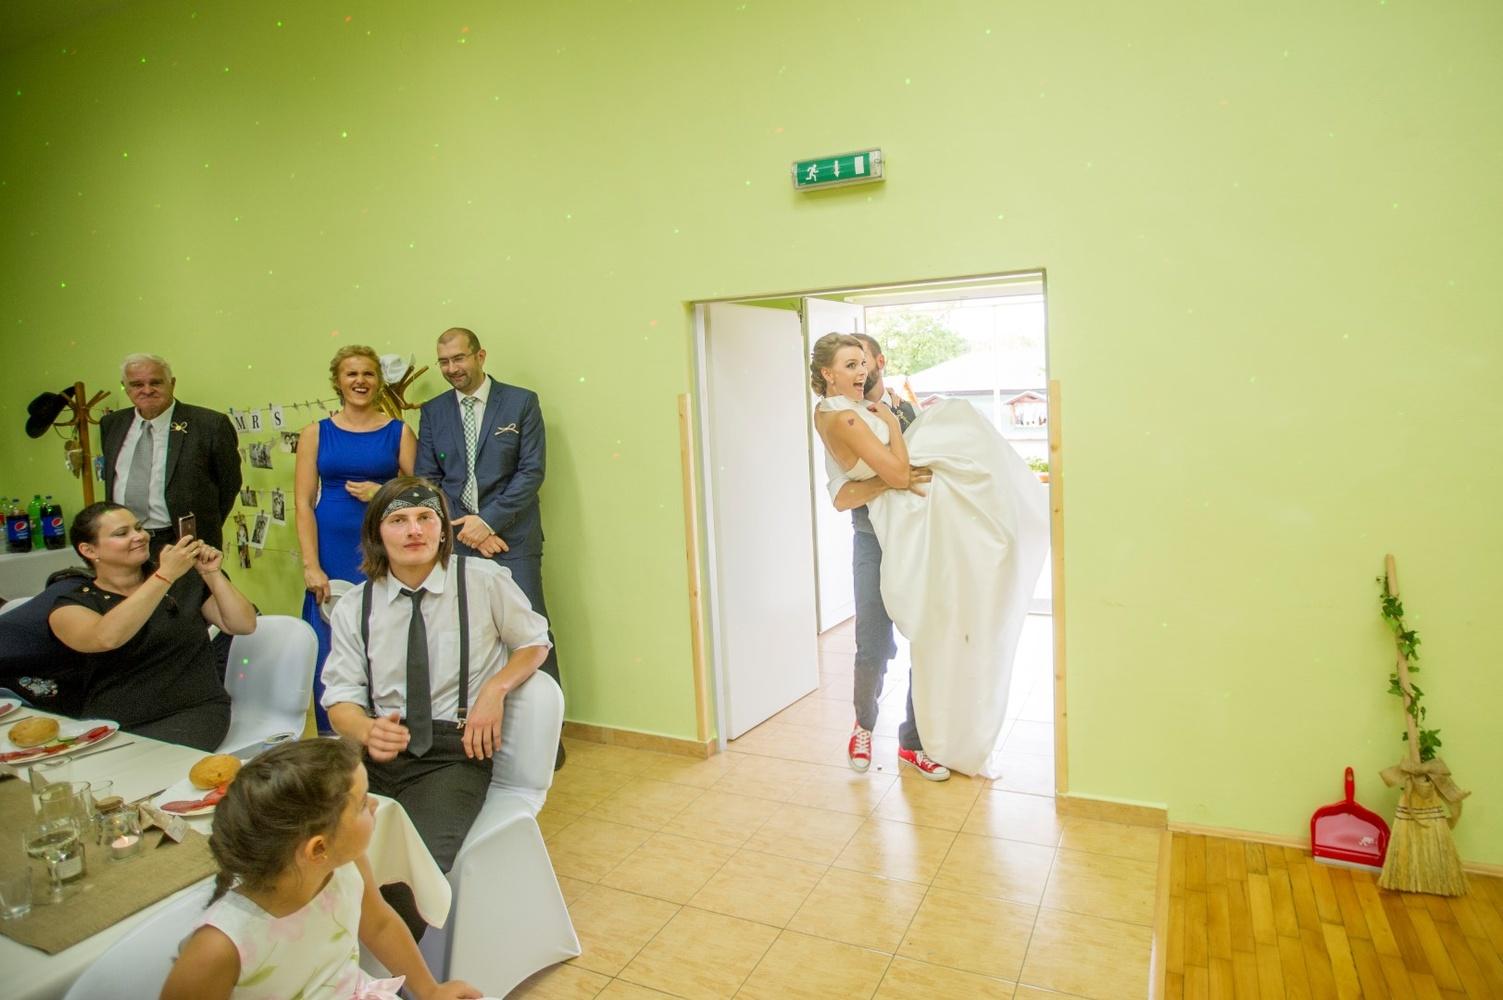 http://www.fotoz.sk/images/gallery-8/normal/eskuvoi-fotos_svadobny-fotograf_485.jpg